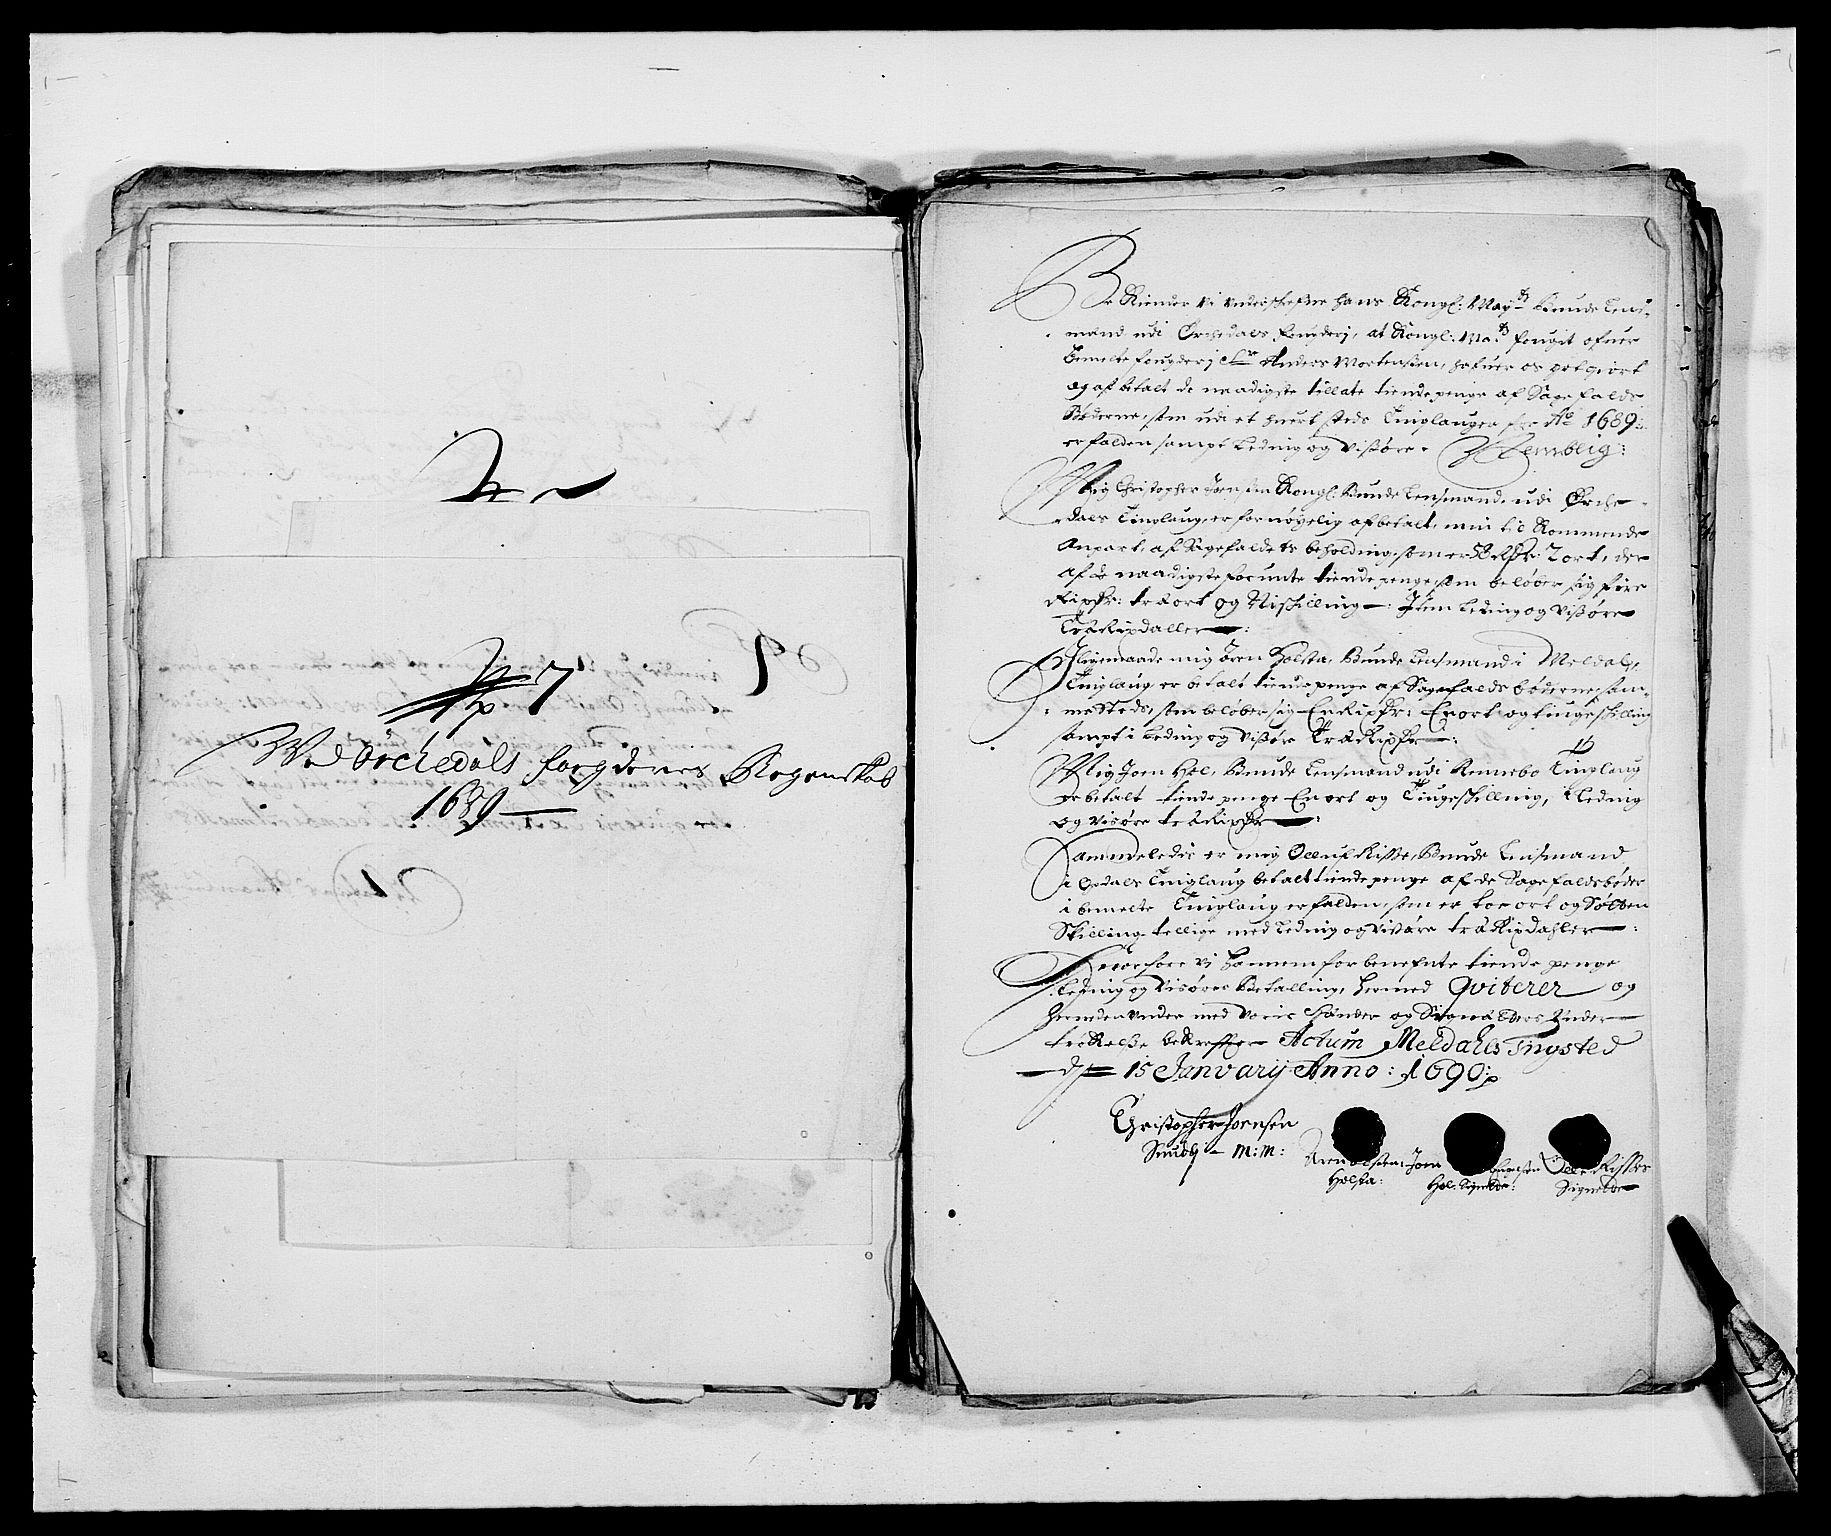 RA, Rentekammeret inntil 1814, Reviderte regnskaper, Fogderegnskap, R58/L3936: Fogderegnskap Orkdal, 1689-1690, s. 190